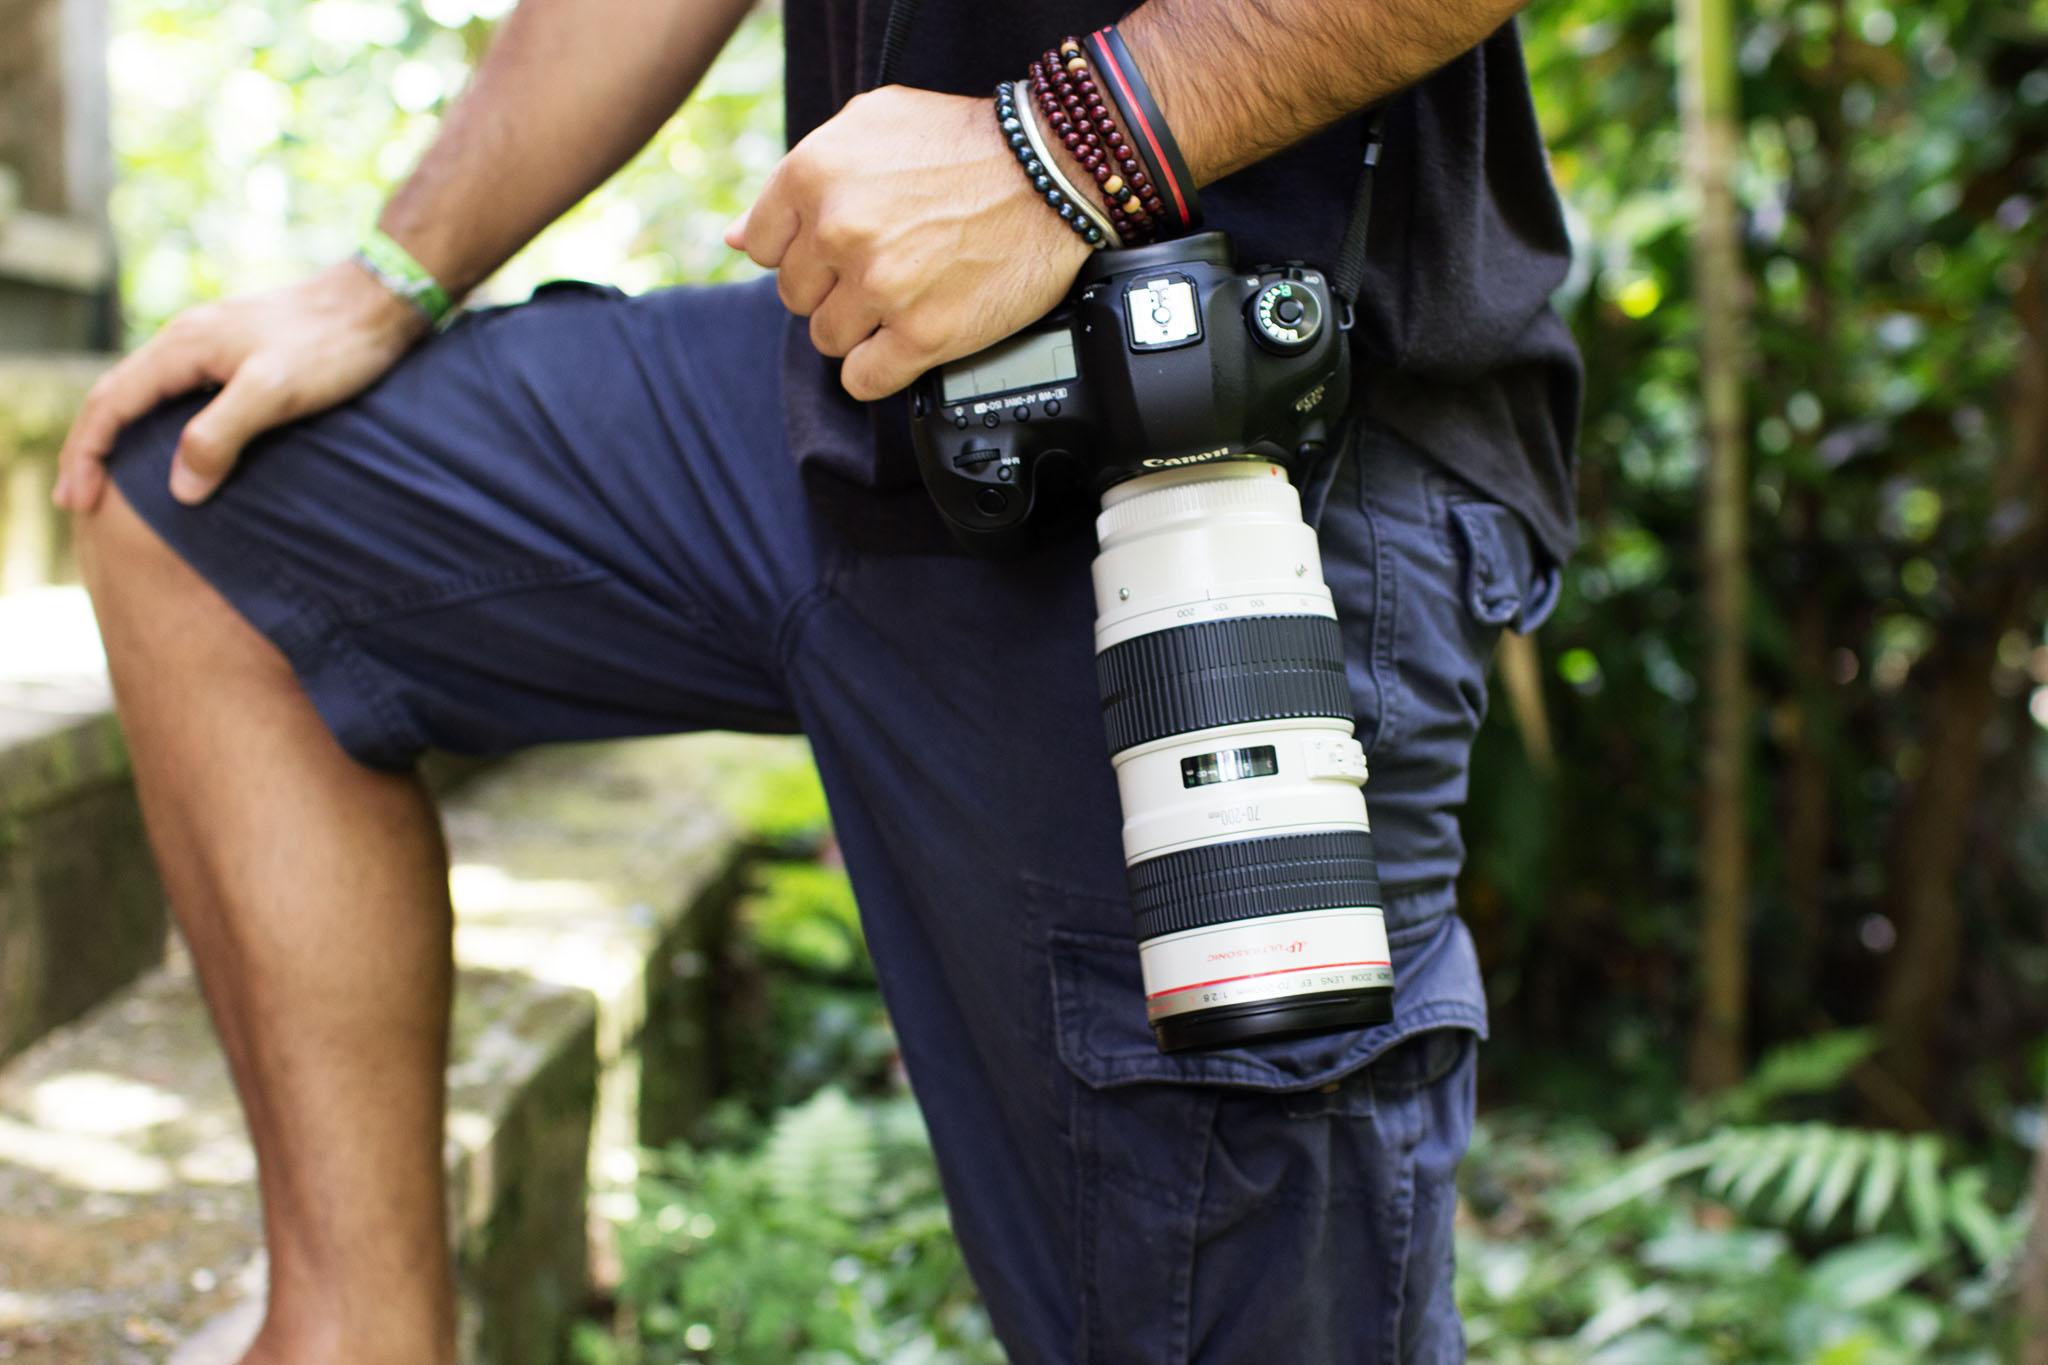 a 70-200mm f/2.8